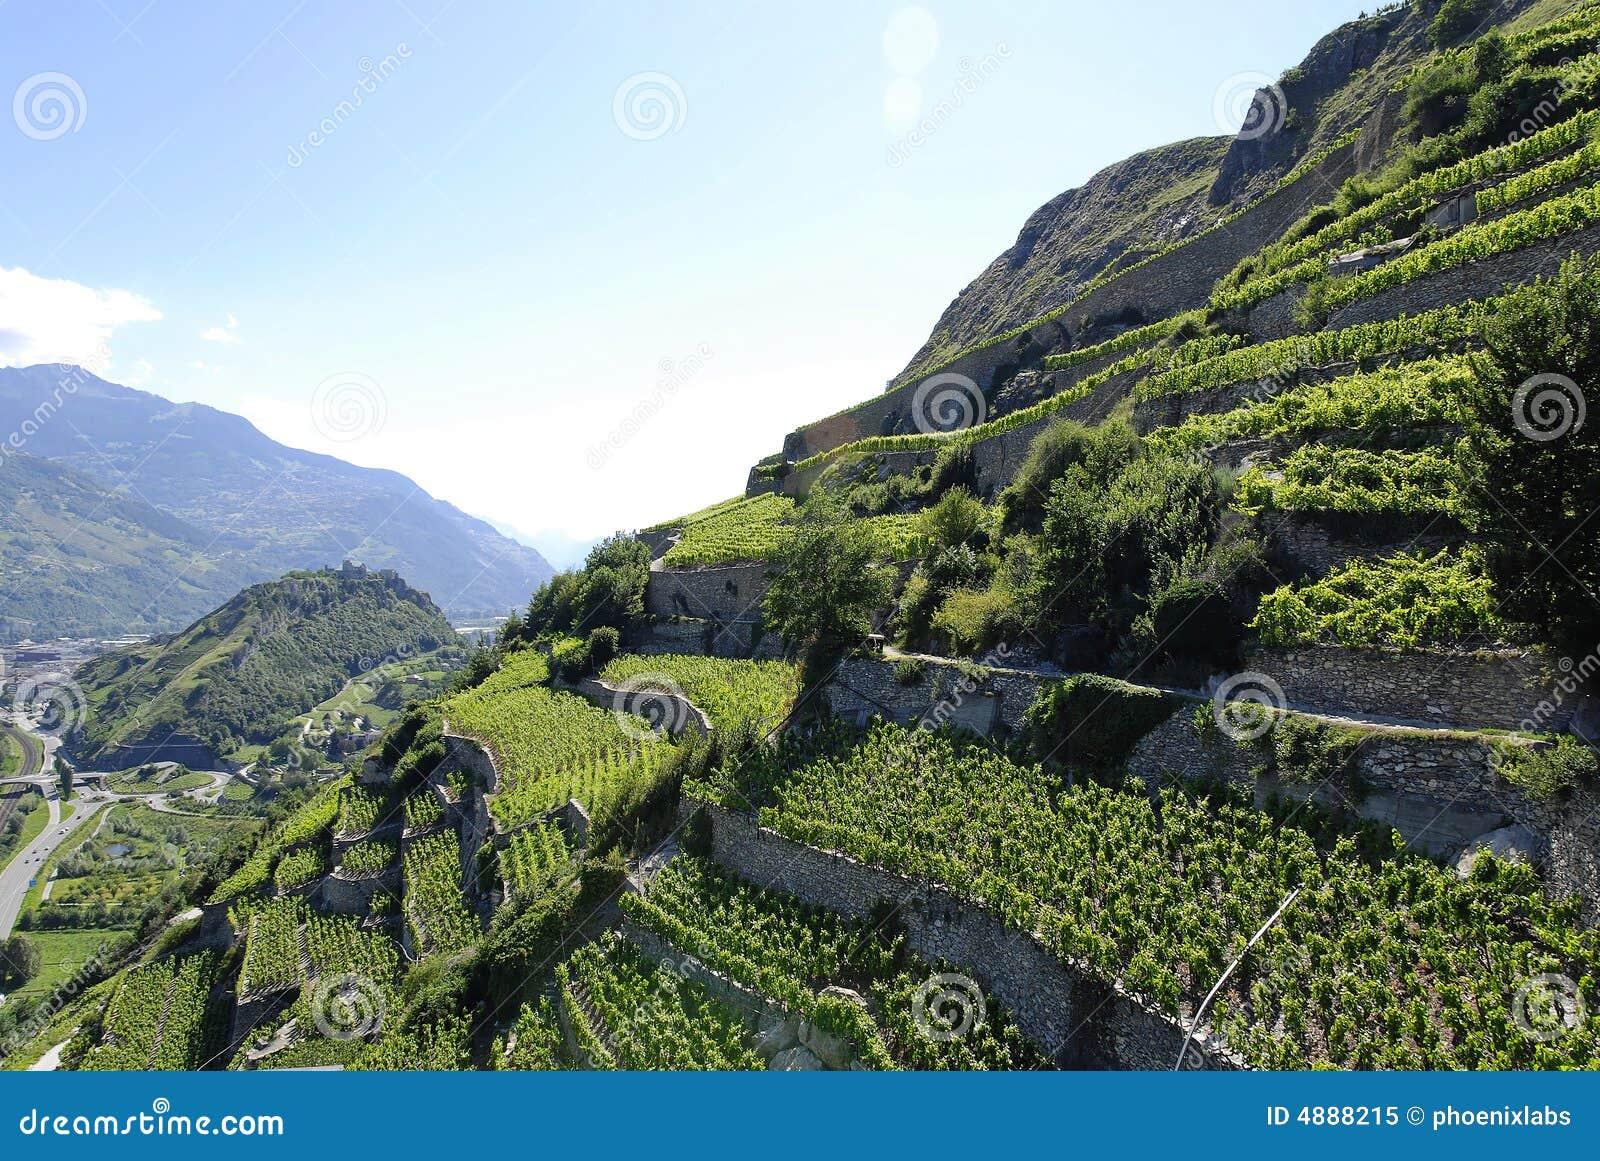 Vineyard Mountainside